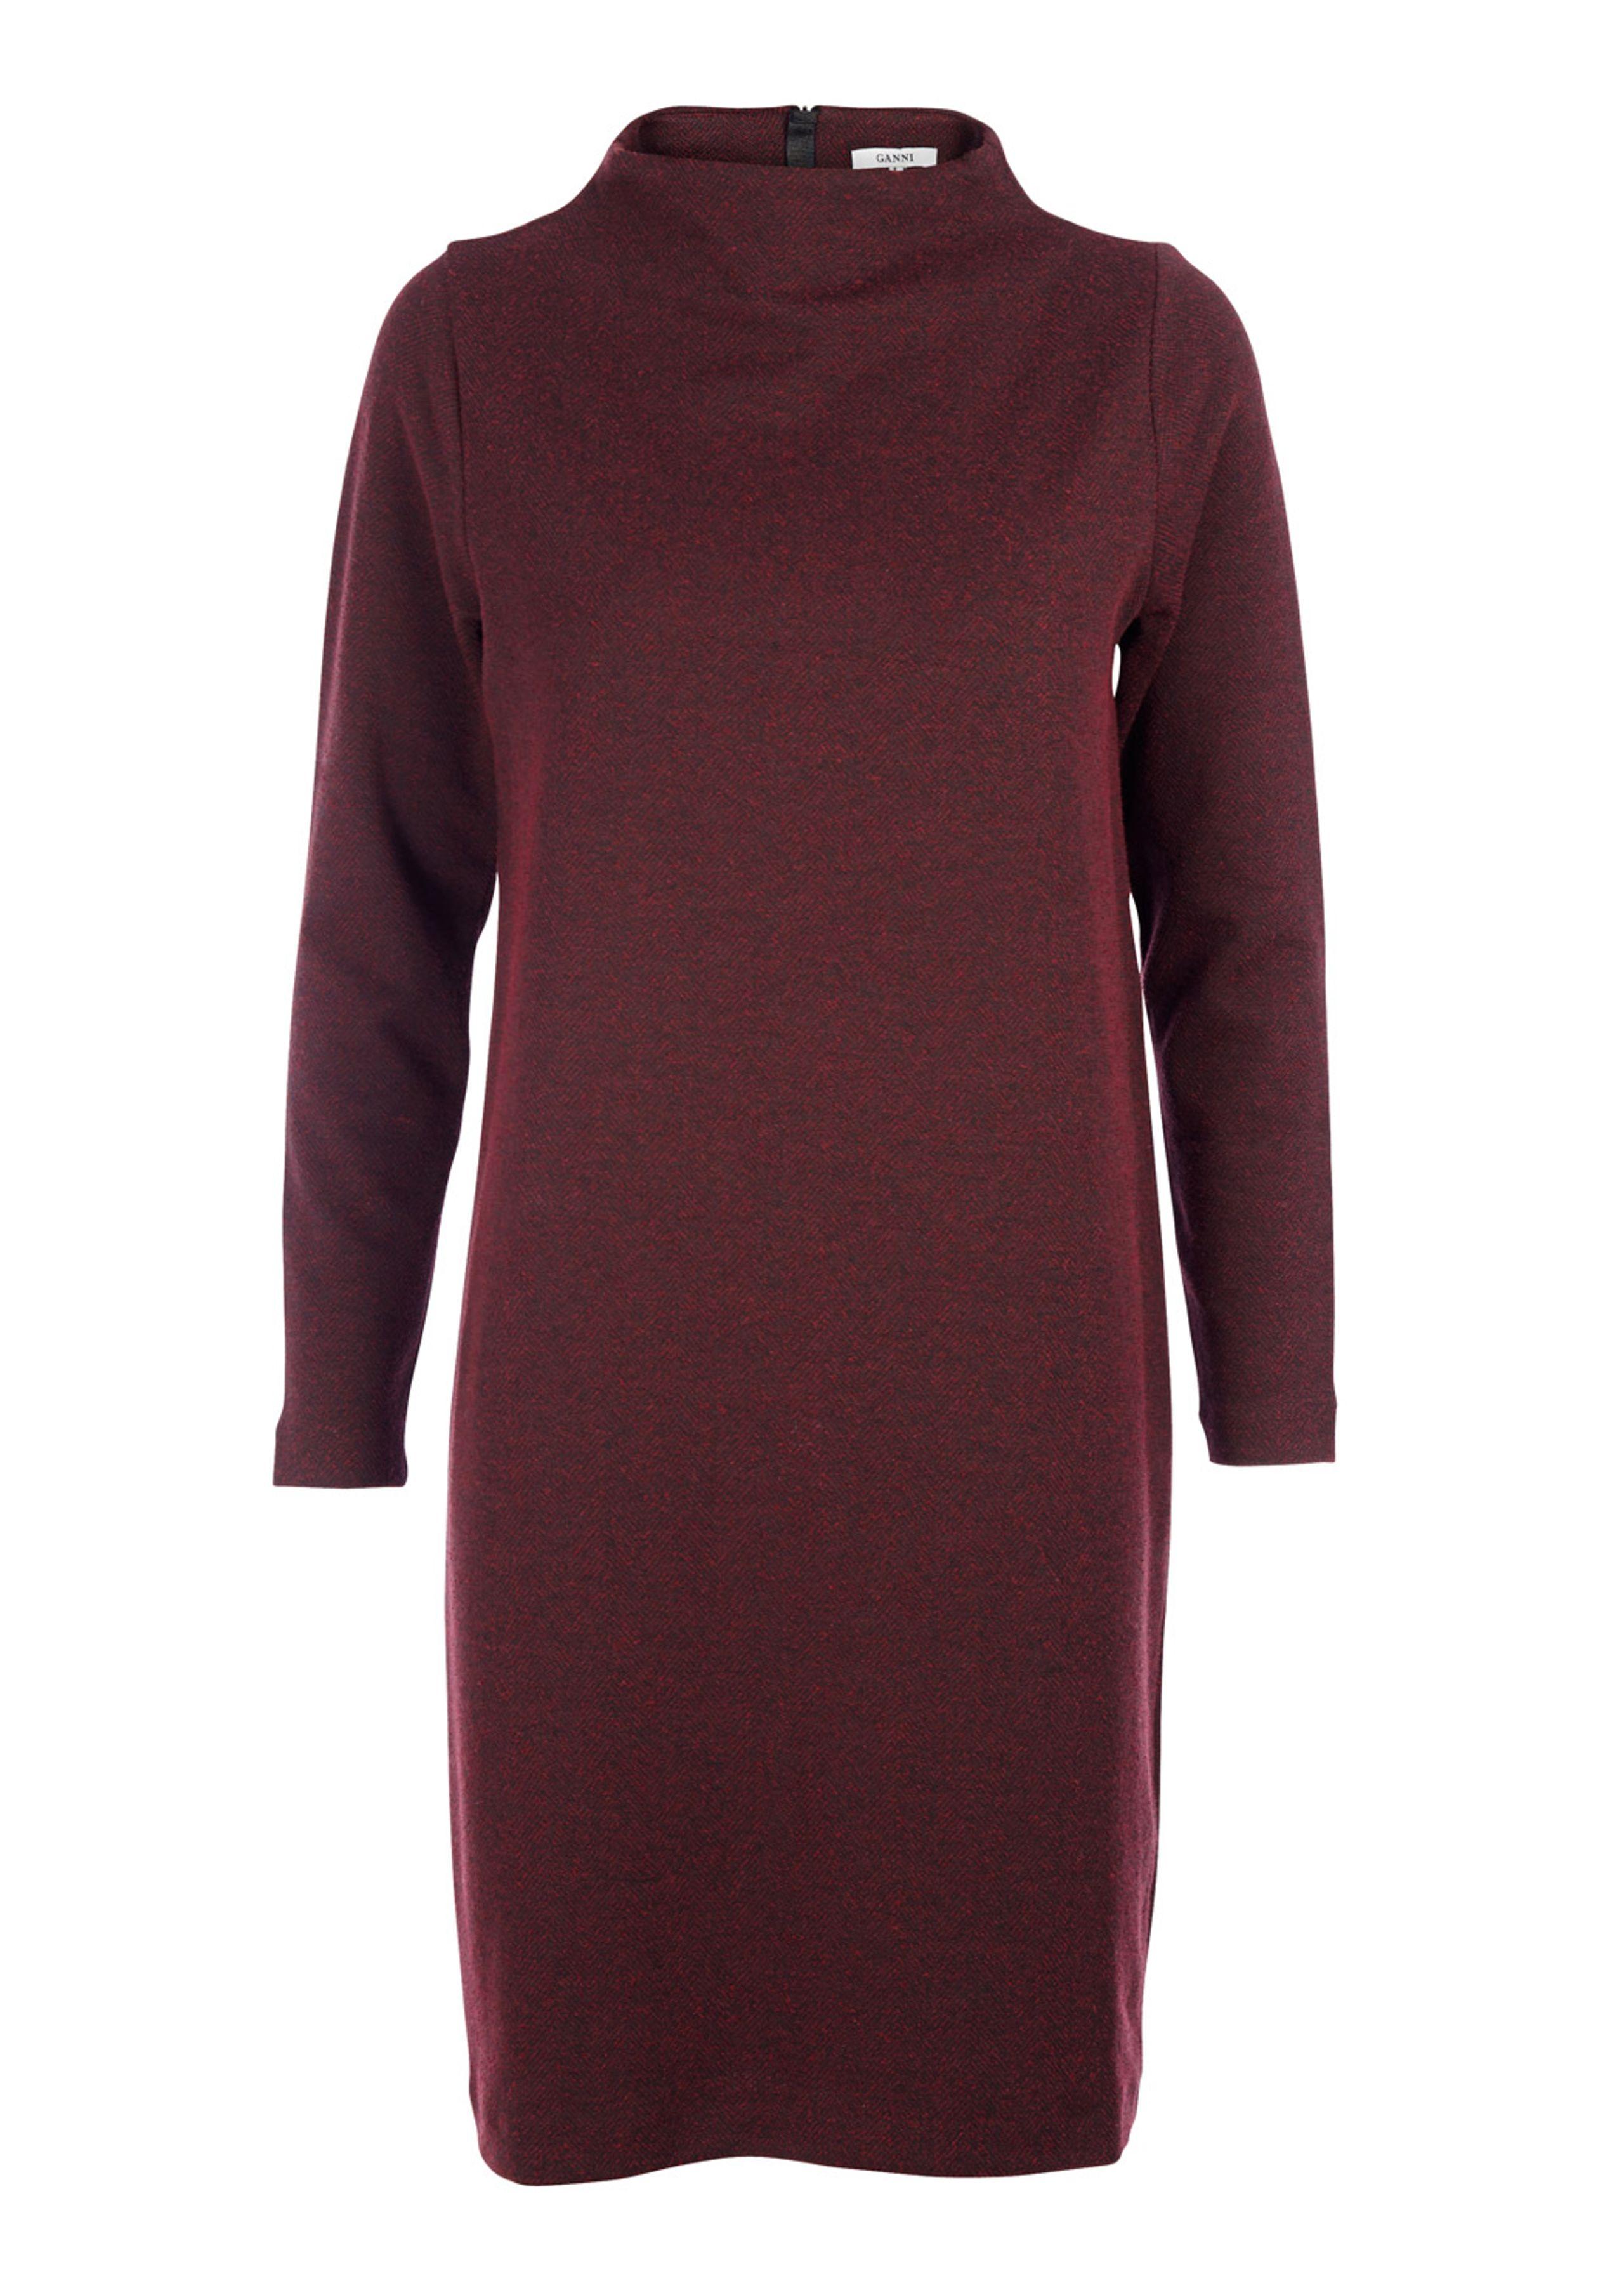 Wilkinson knit dress